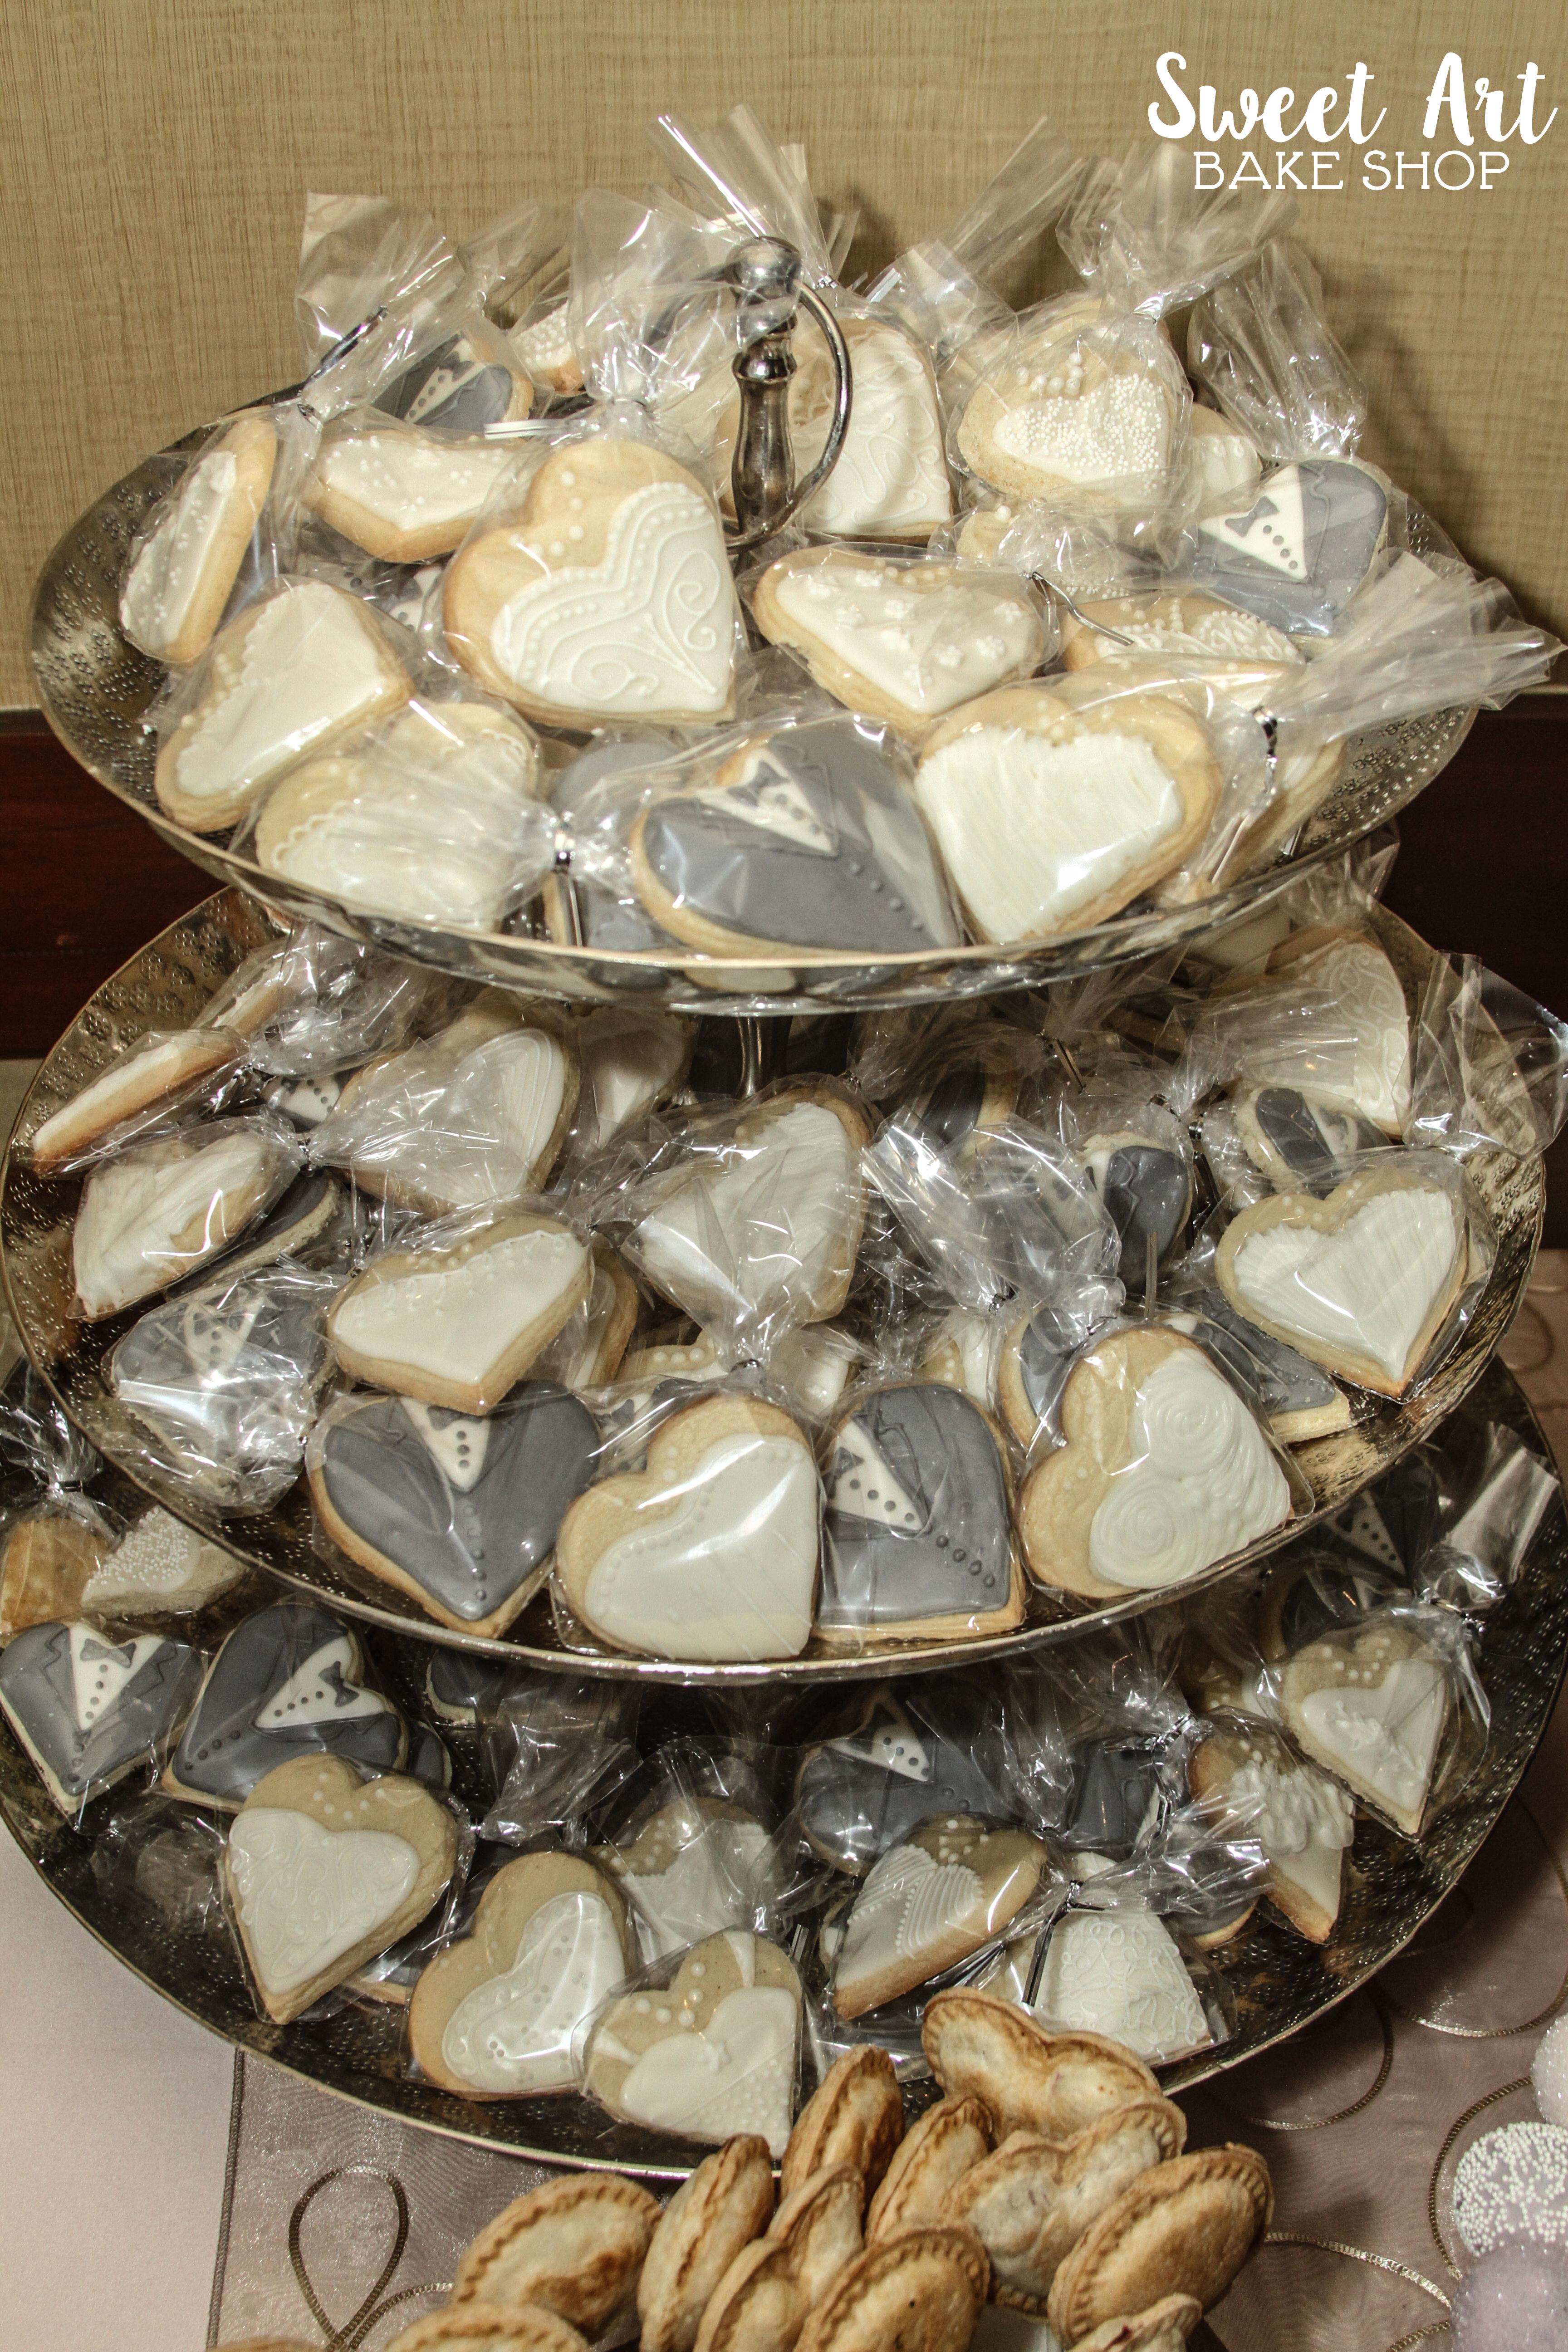 Bride & Groom Sugar Cookies